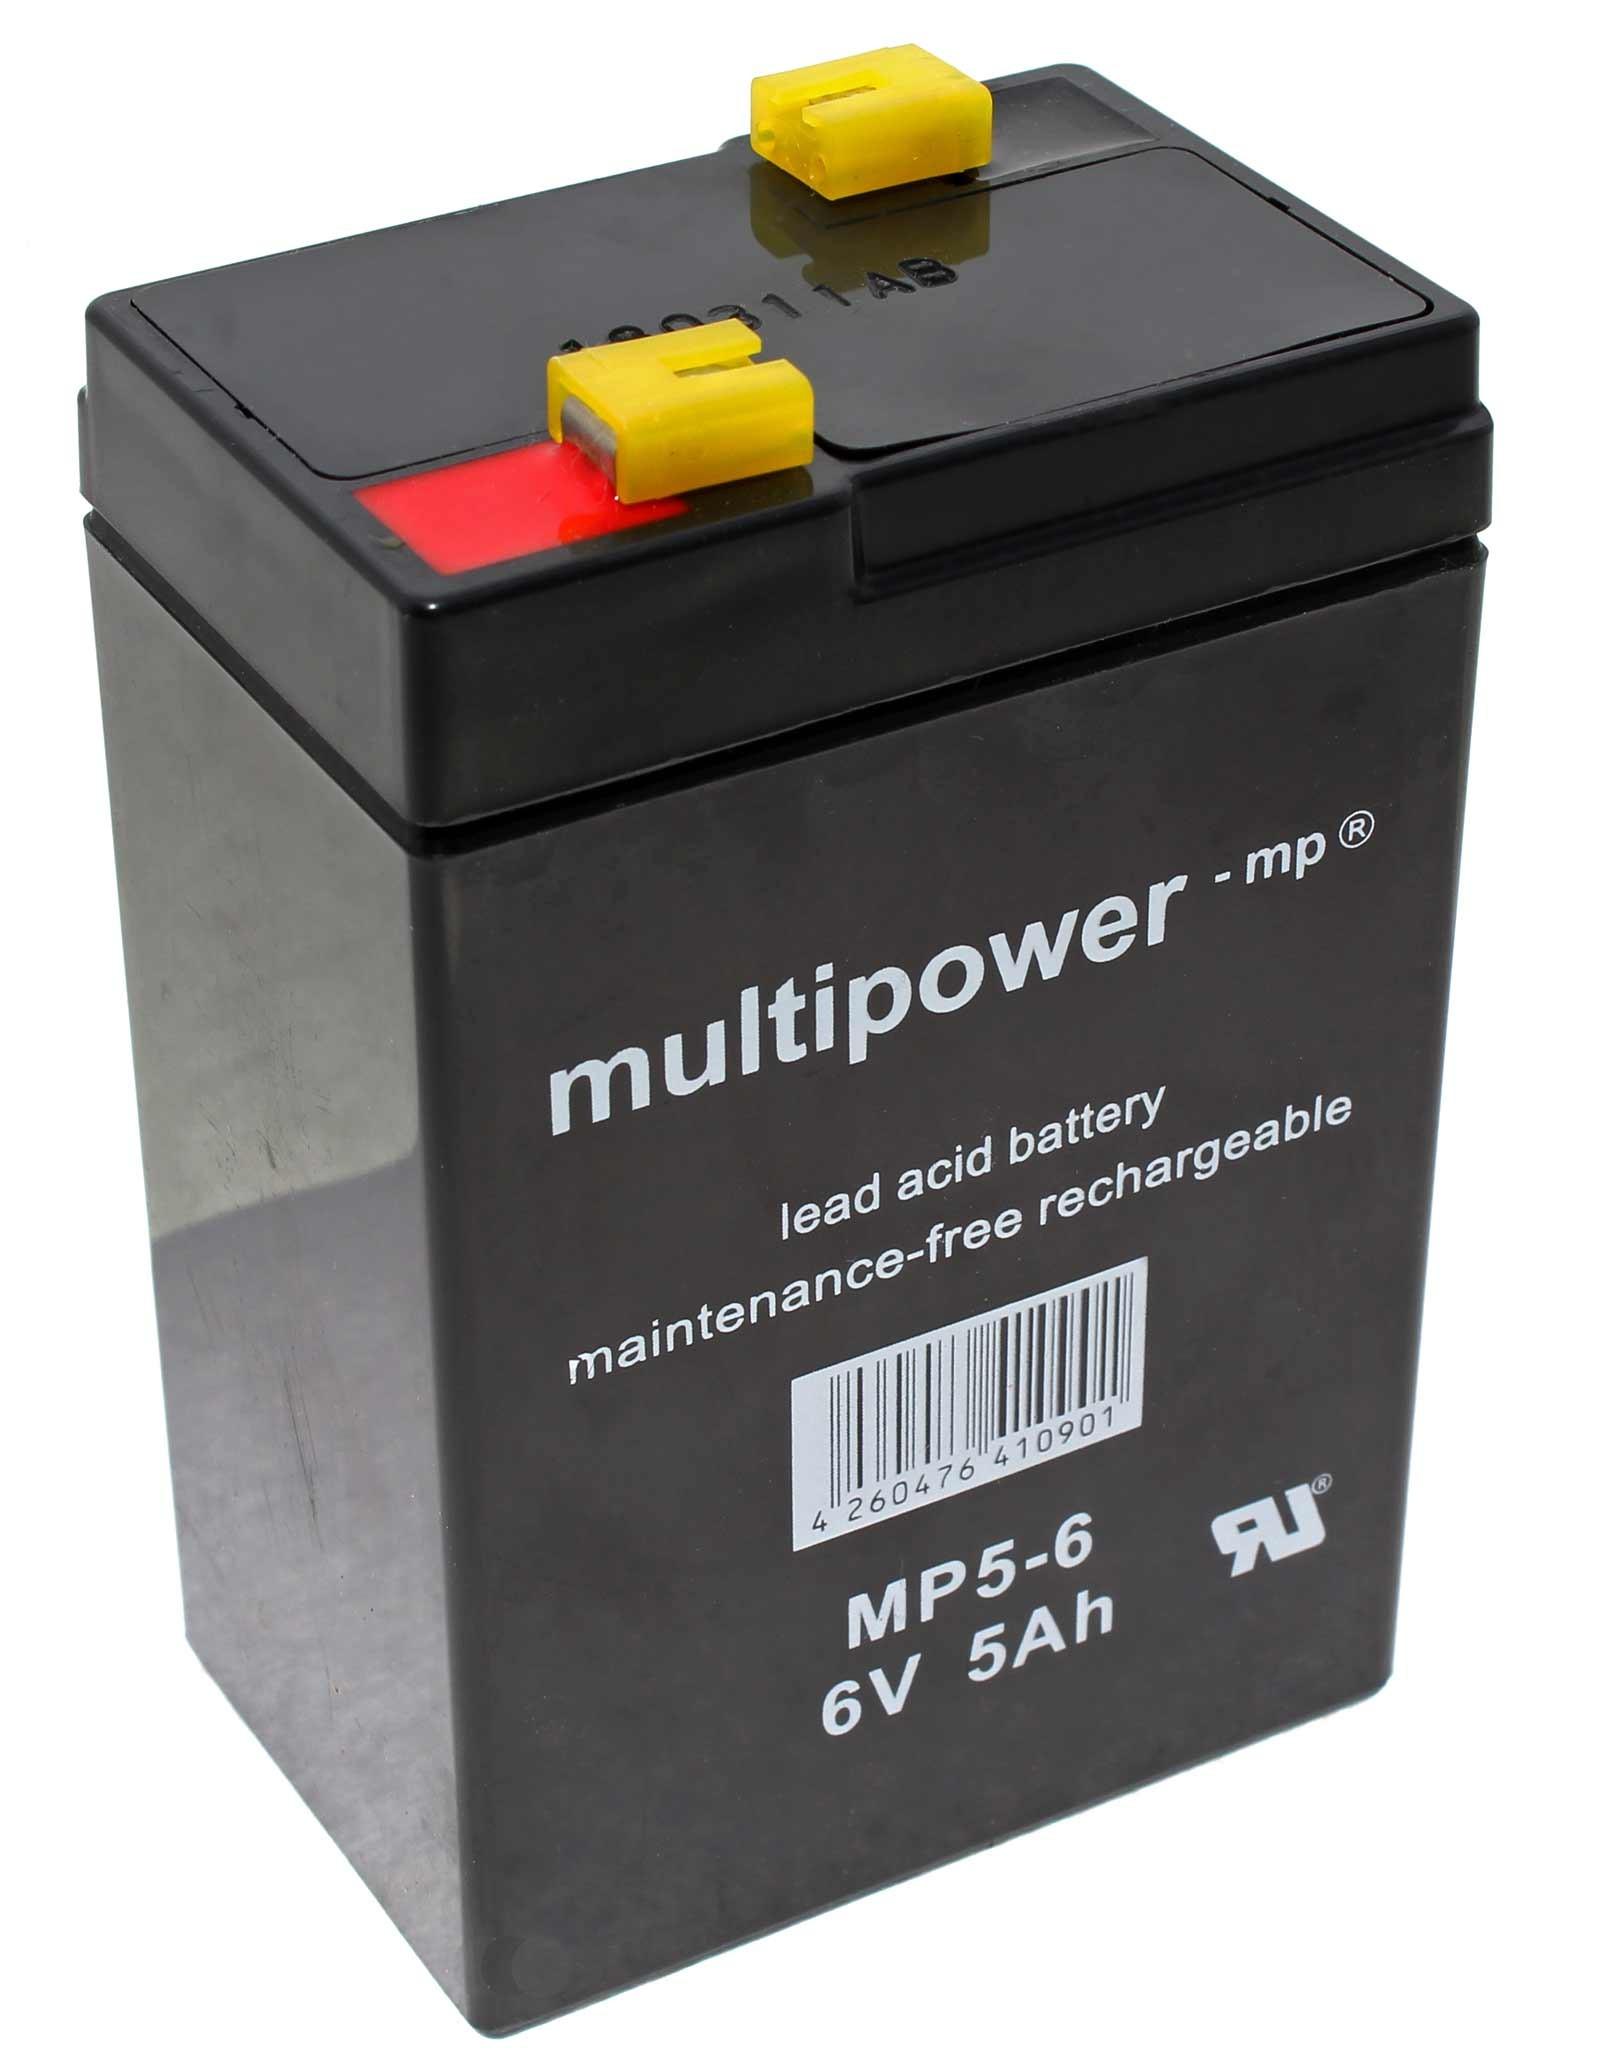 Multipower MP5-6 Blei Gel Akku mit 6 Volt, 5Ah Kapazität und 4,8mm Faston Kontakten